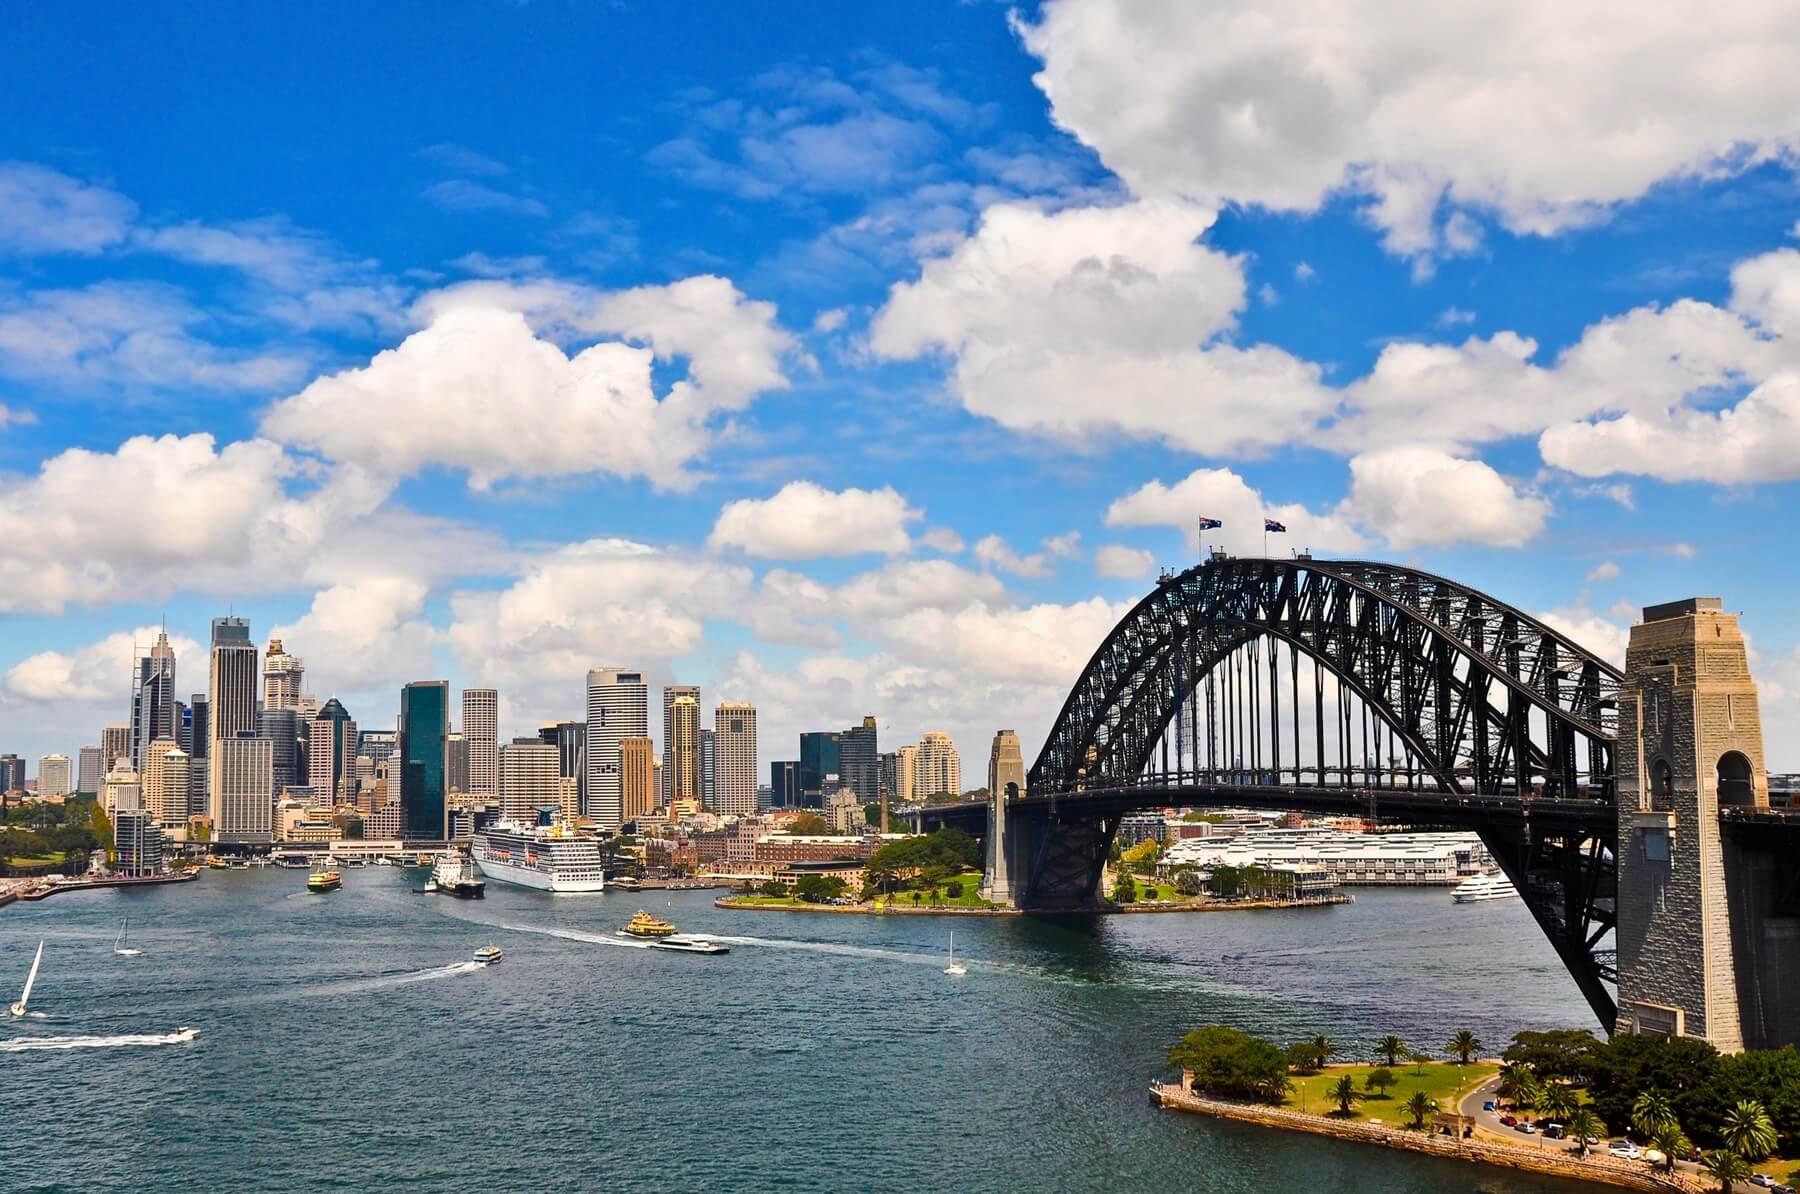 rencontres en ligne Parramatta matchmaking serveur sélecteur CS aller télécharger